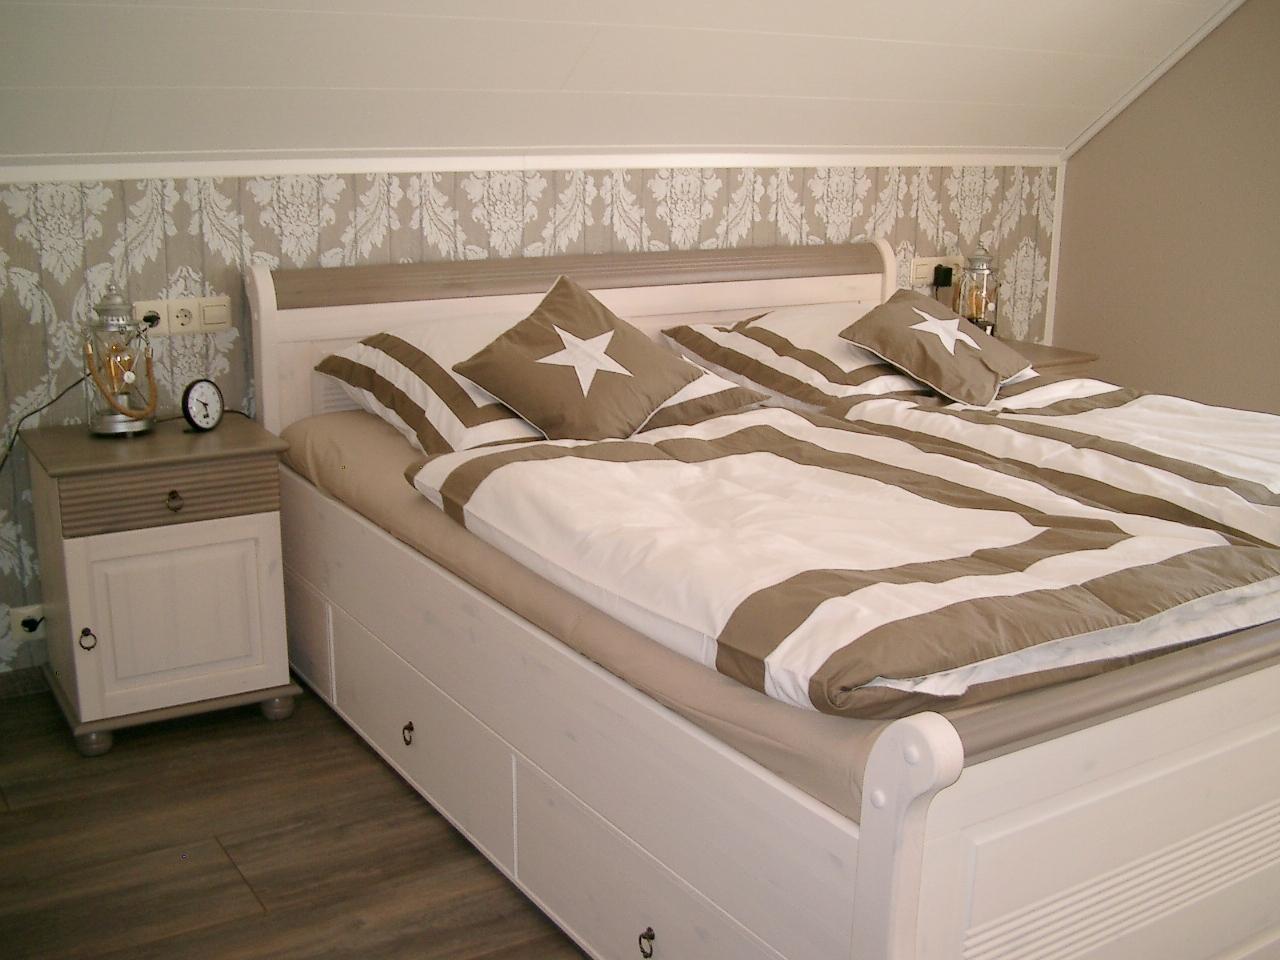 papier et cetera schlafzimmer m bel. Black Bedroom Furniture Sets. Home Design Ideas